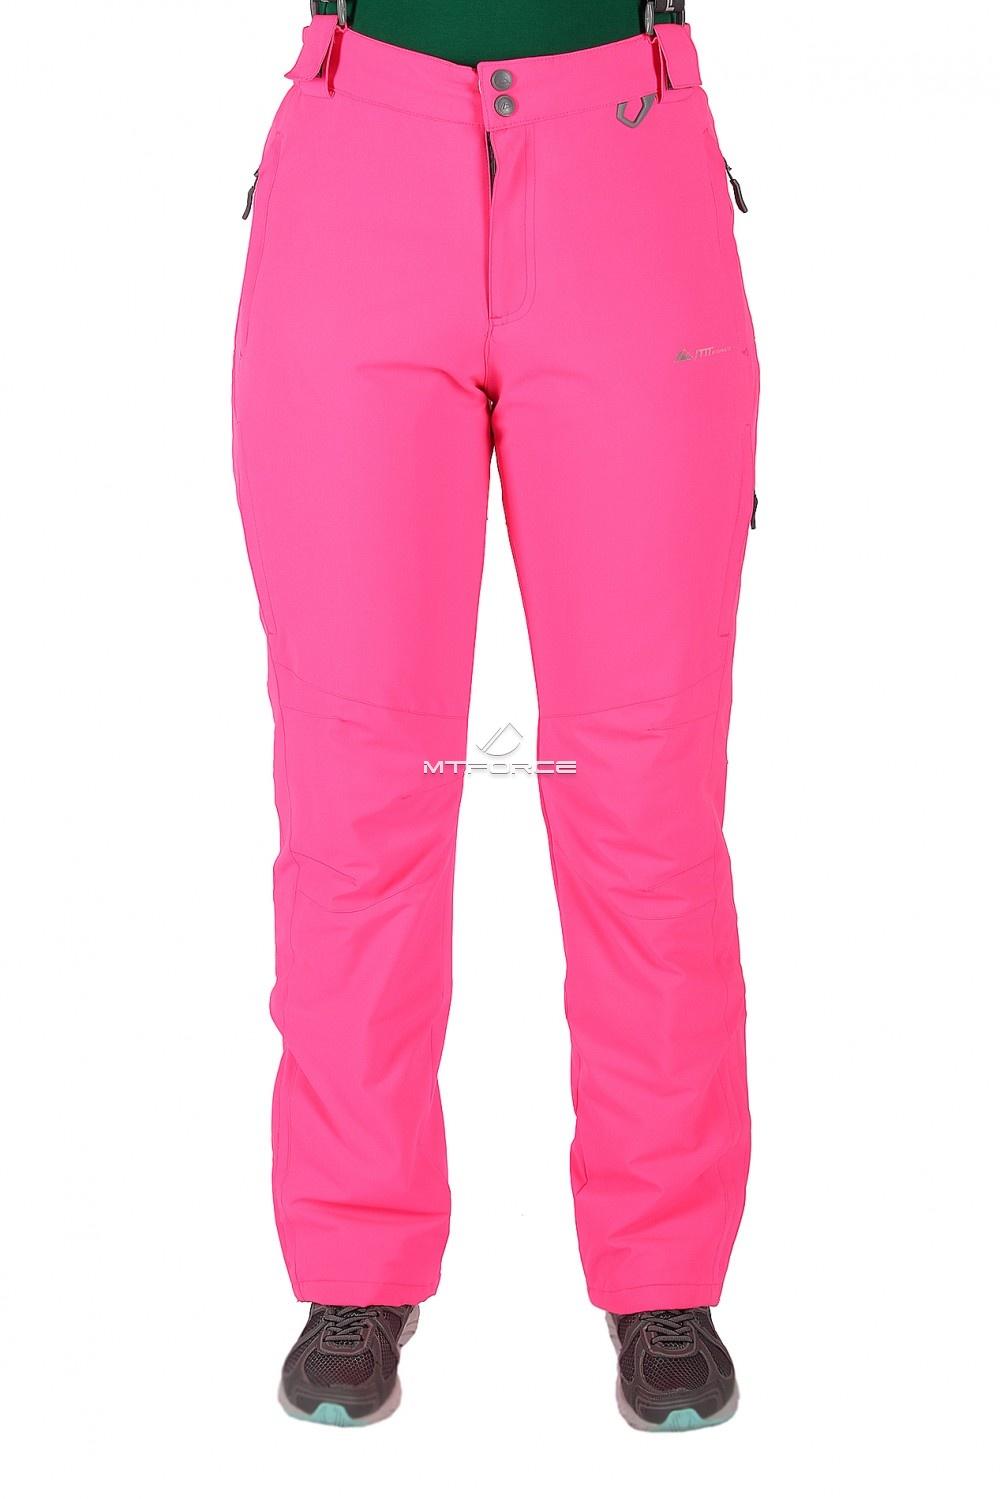 Купить                                  оптом Брюки горнолыжные женские розового цвета 524R-2